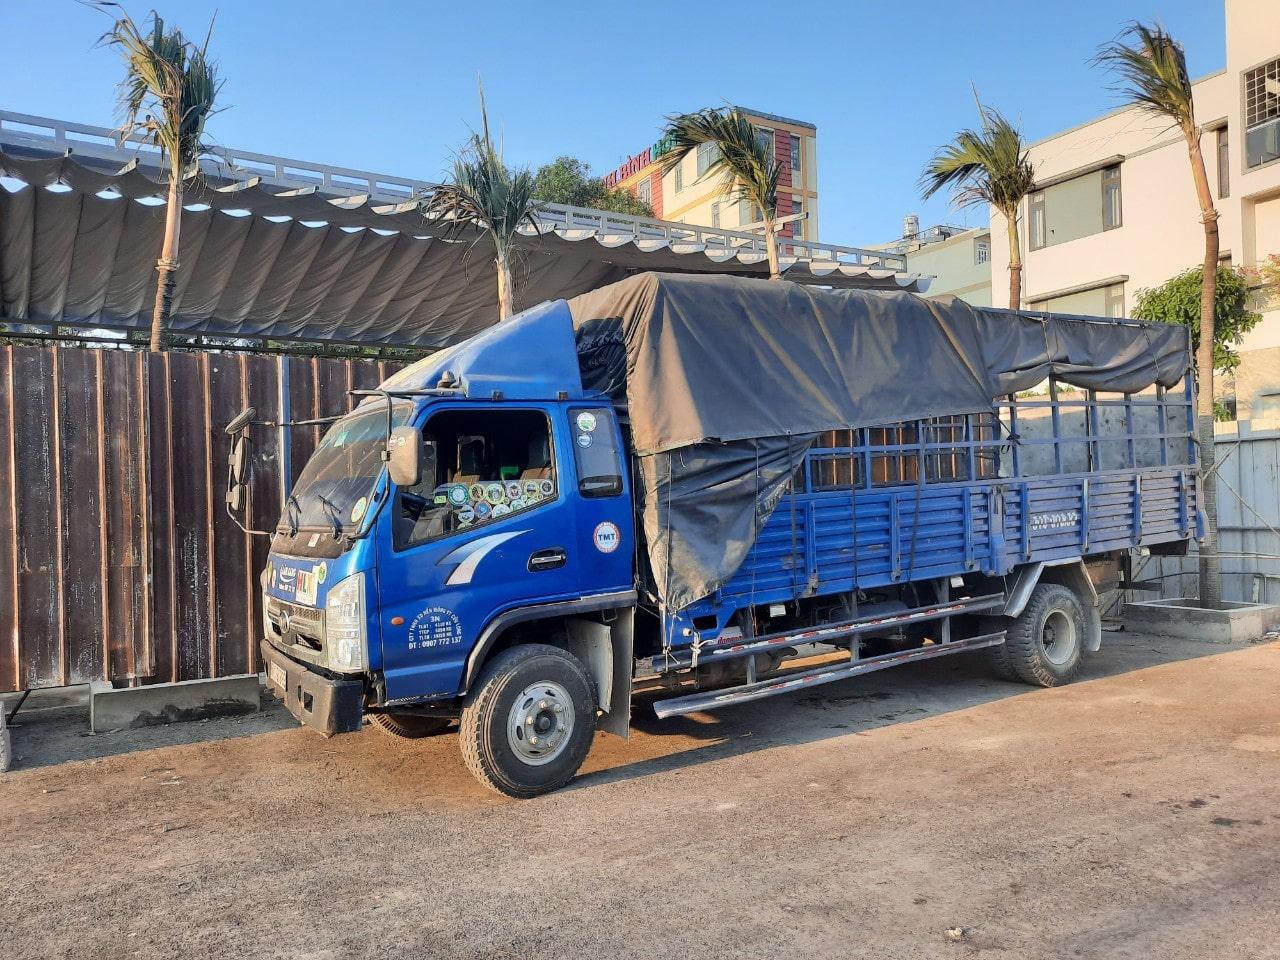 Dịch vụ vận tải - chuyển dọn nhà trọn gói và cho thuê xe tải chuyển nhà bằng xe tải giá rẻ tại tphcm